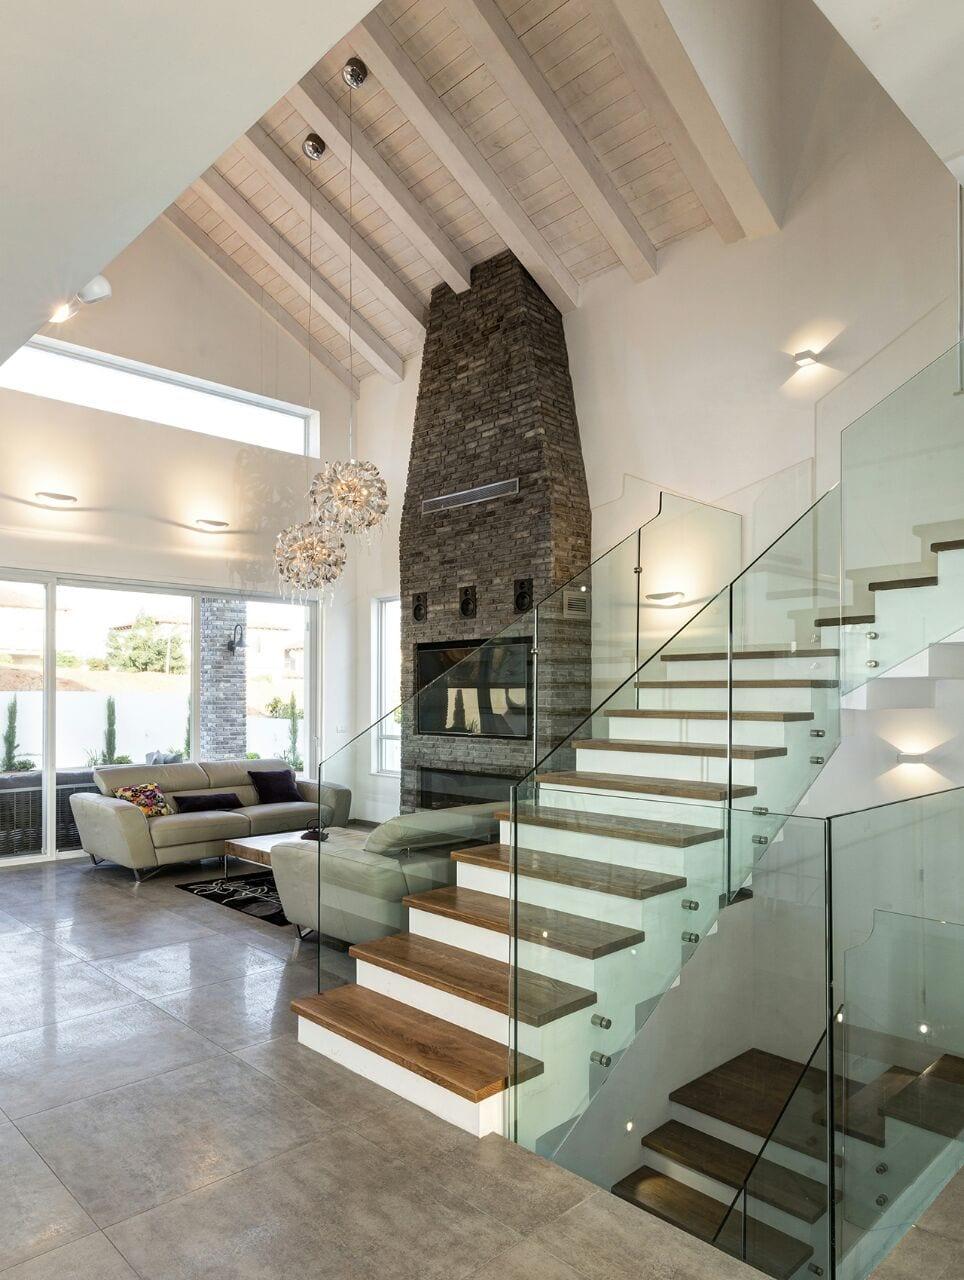 המדרגות בחלל הסלון עם התקרה הגבוהה - בית למכירה במושב קדימה